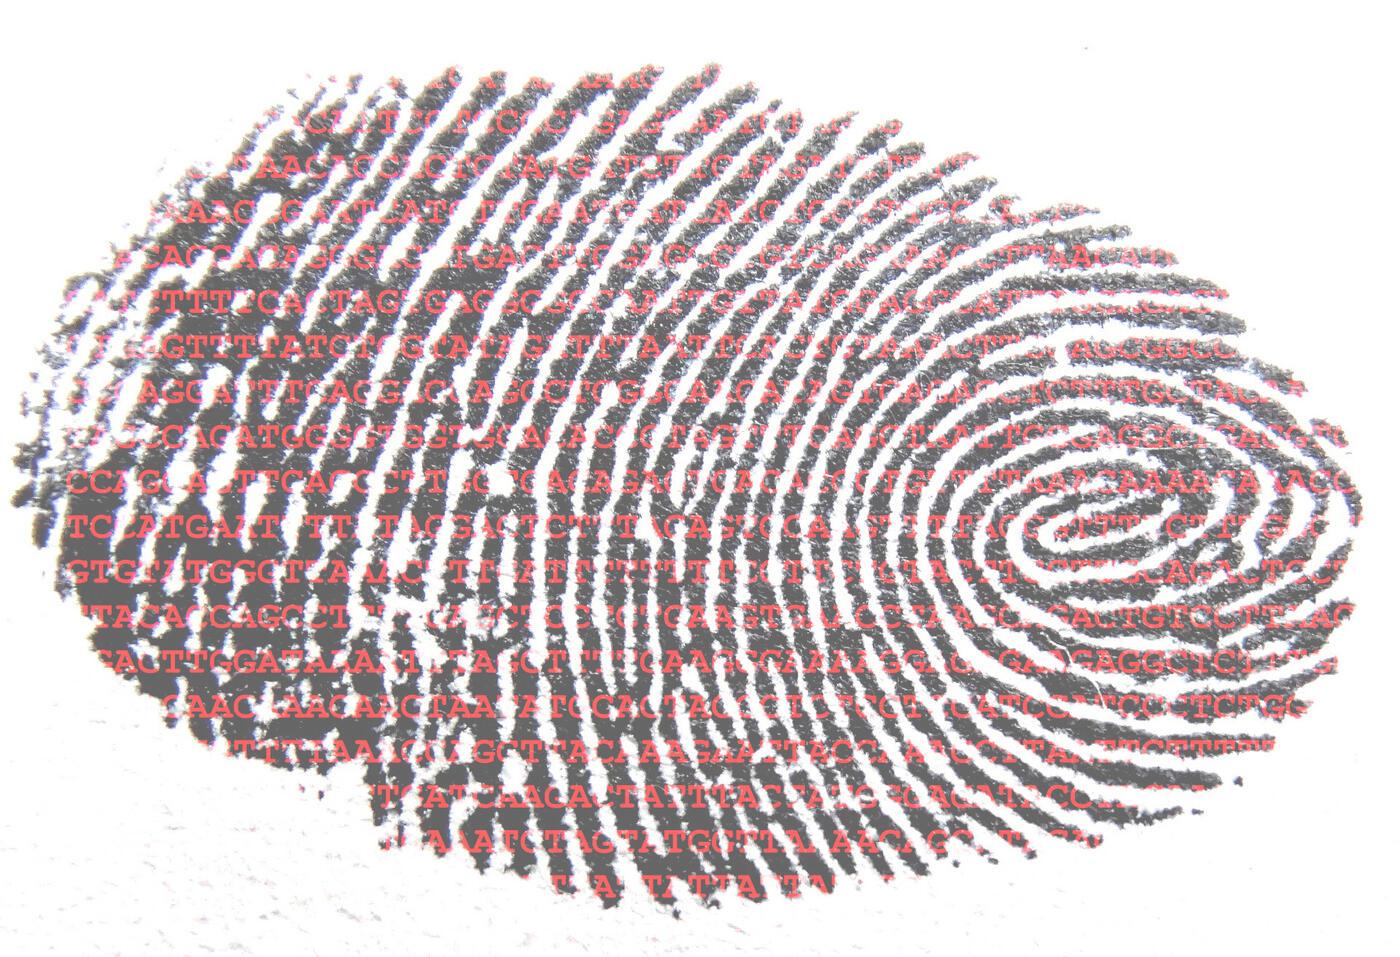 Fingerabdruck mit DNA-Sequenz